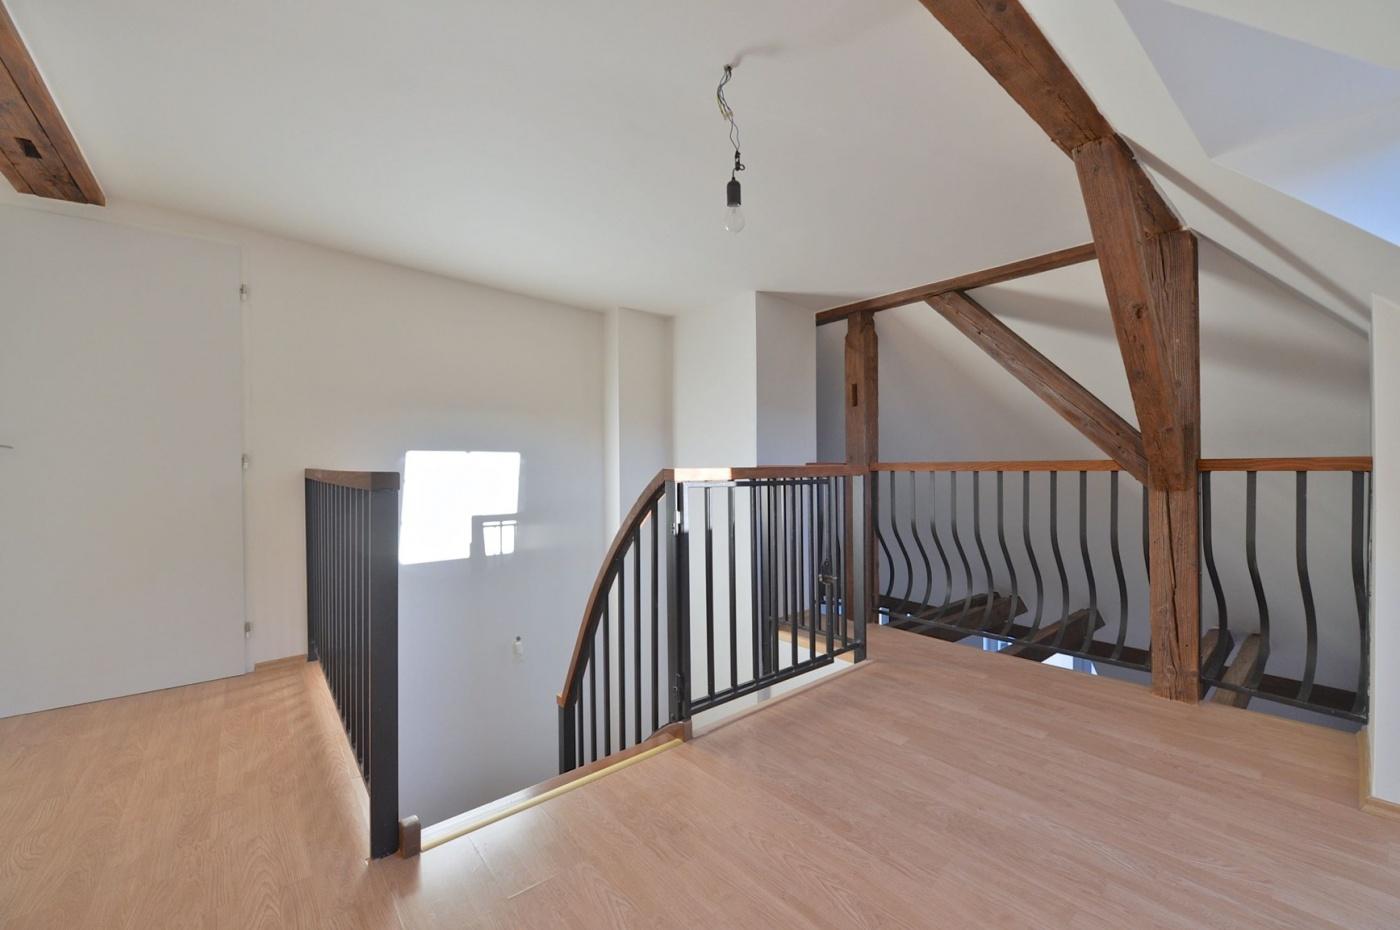 Půdní byt 4+kk, plocha 145 m², ulice Hradeckých, Praha 4 - Nusle | 2